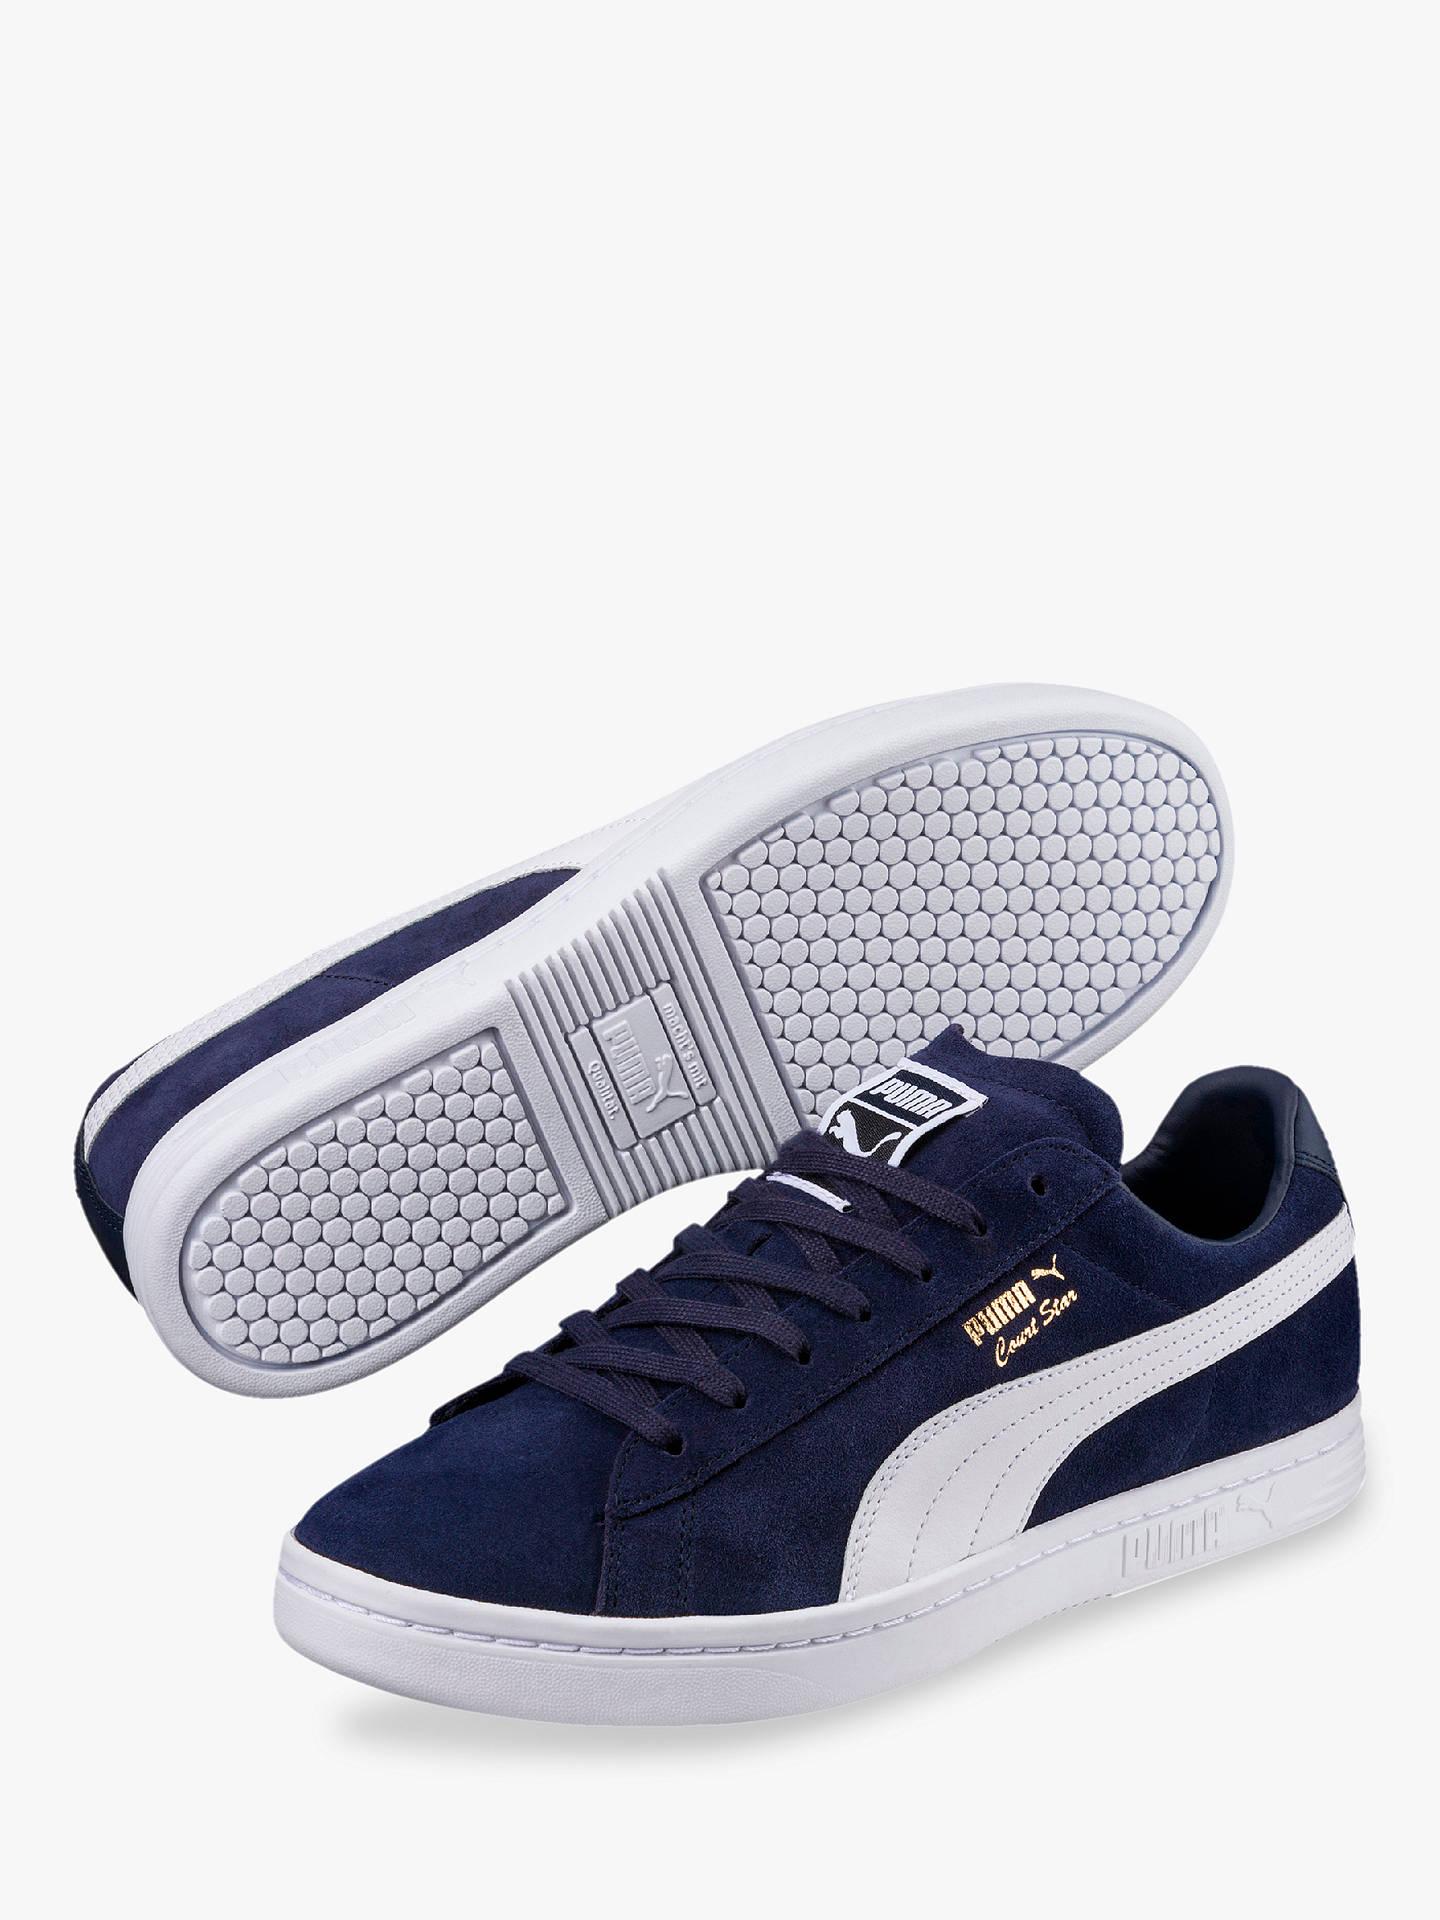 2019 Intelligent Puma Court Star Suede Interest [scarpe